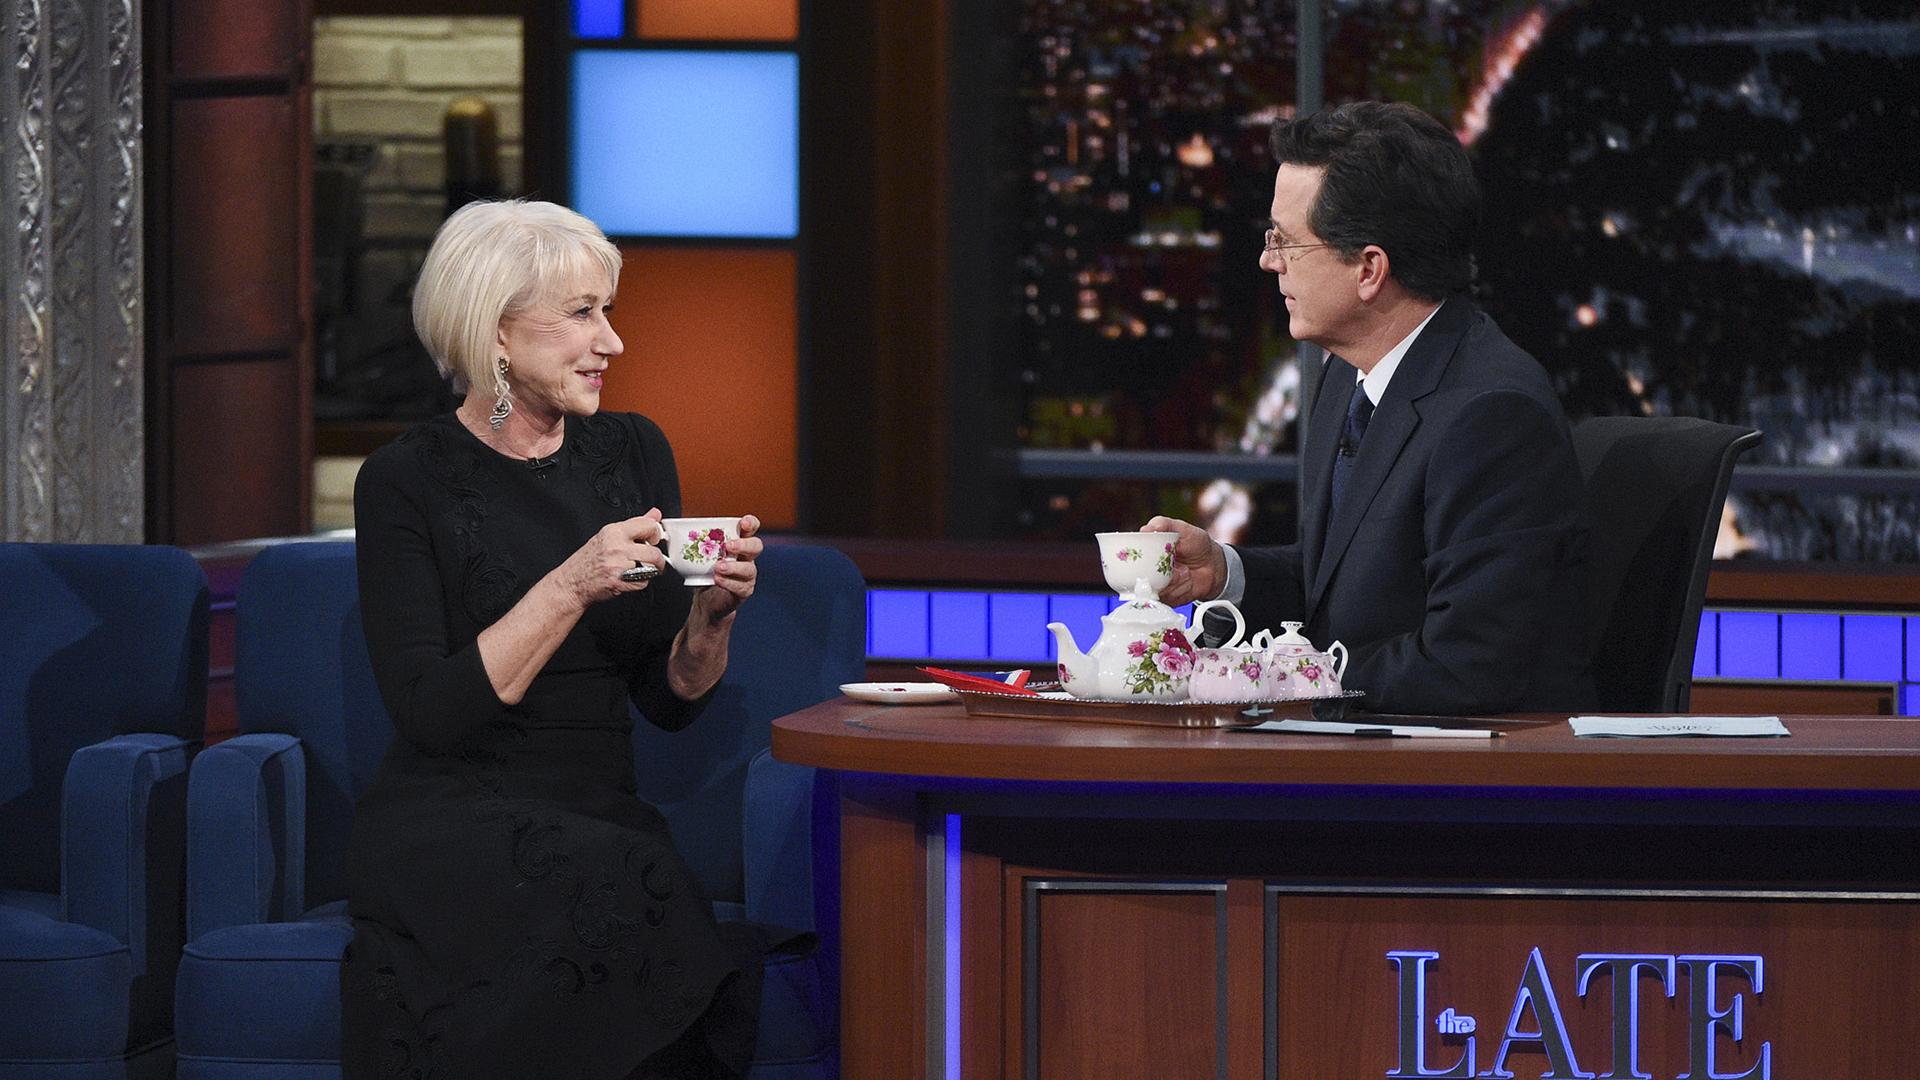 Helen Mirren and Stephen Colbert